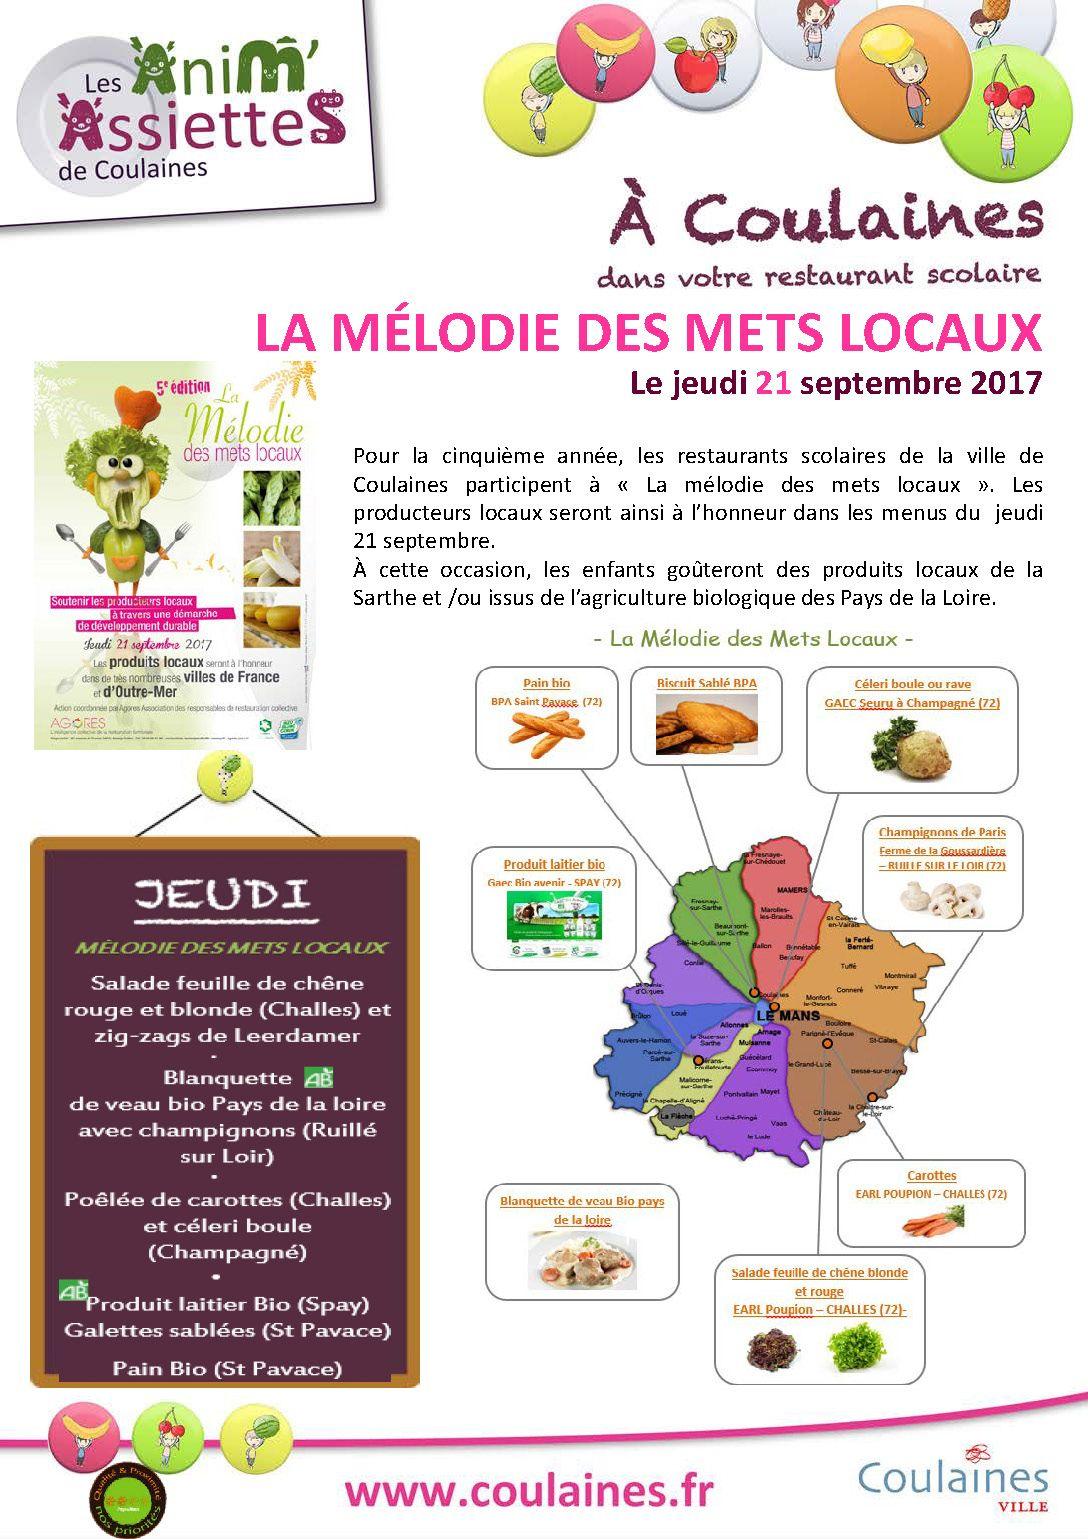 anim' assiettes Mélodie des mets locaux 2017-1